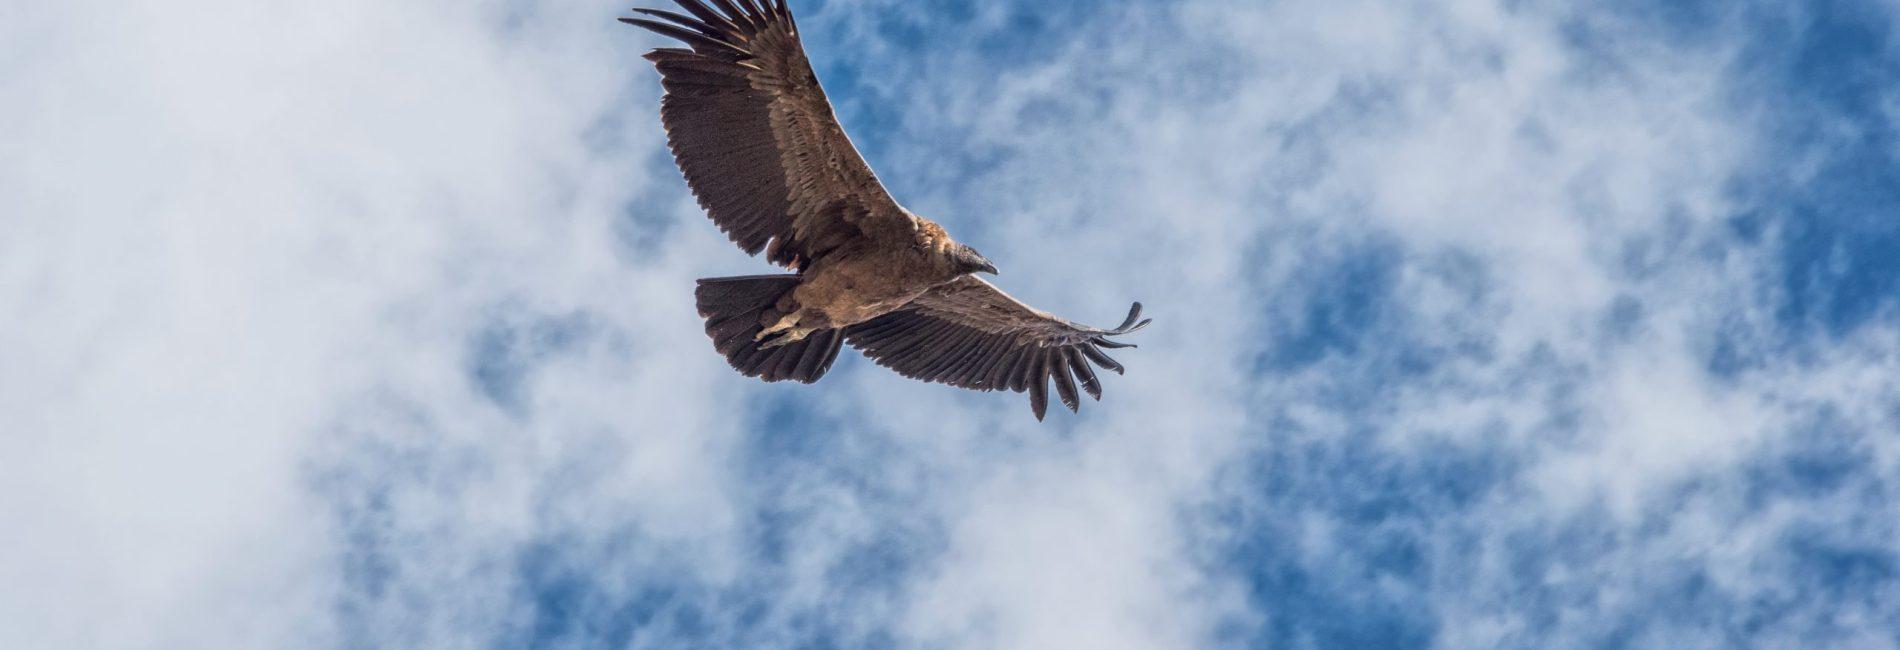 Colca Canyon in Perù: volevo vedere i condor in volo